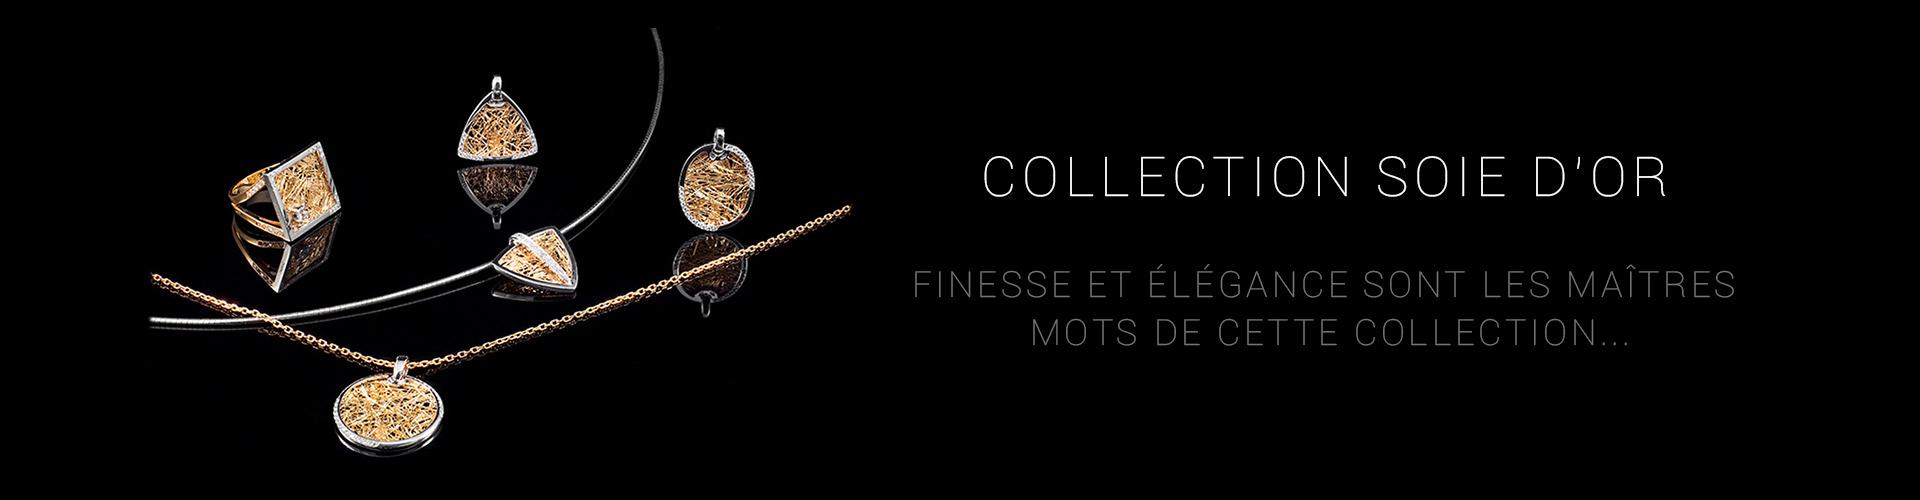 Collection Soie d'or Bijoux haut de gamme Lyon